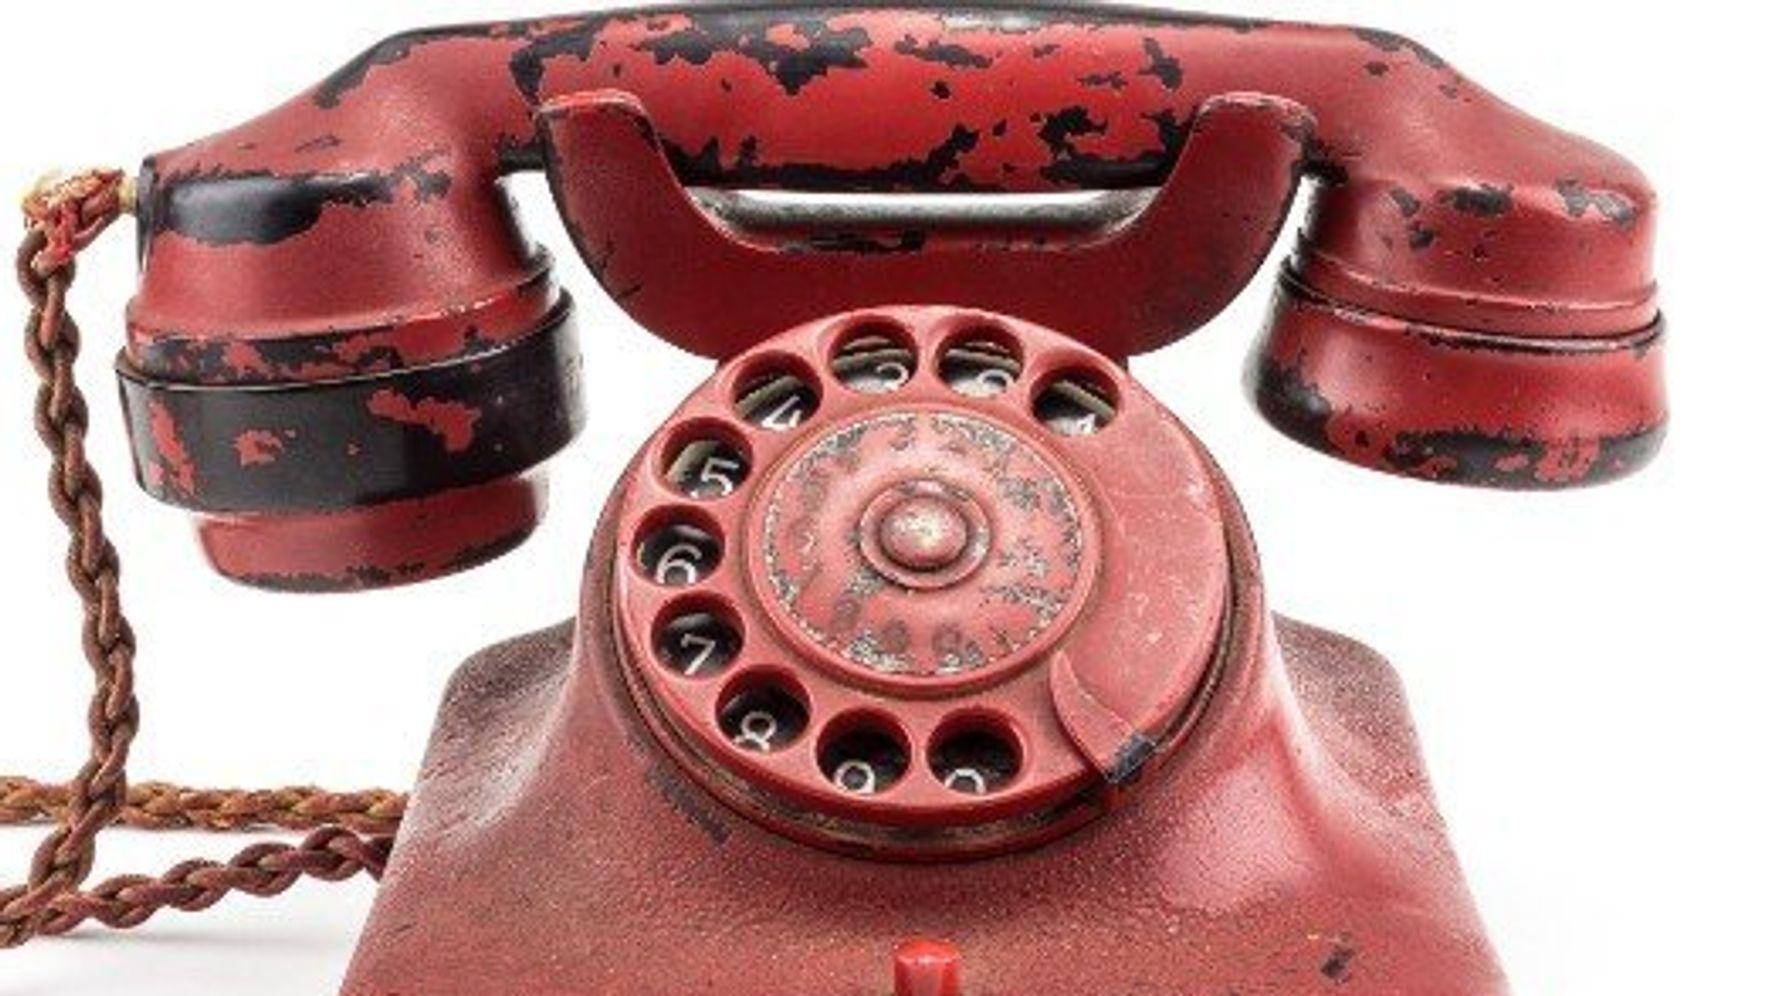 १० लाखको मृत्युको कारक यो हत्यारा टेलिफोन जो लिलामीमा ३ करोडमा बिक्री भएको थियो